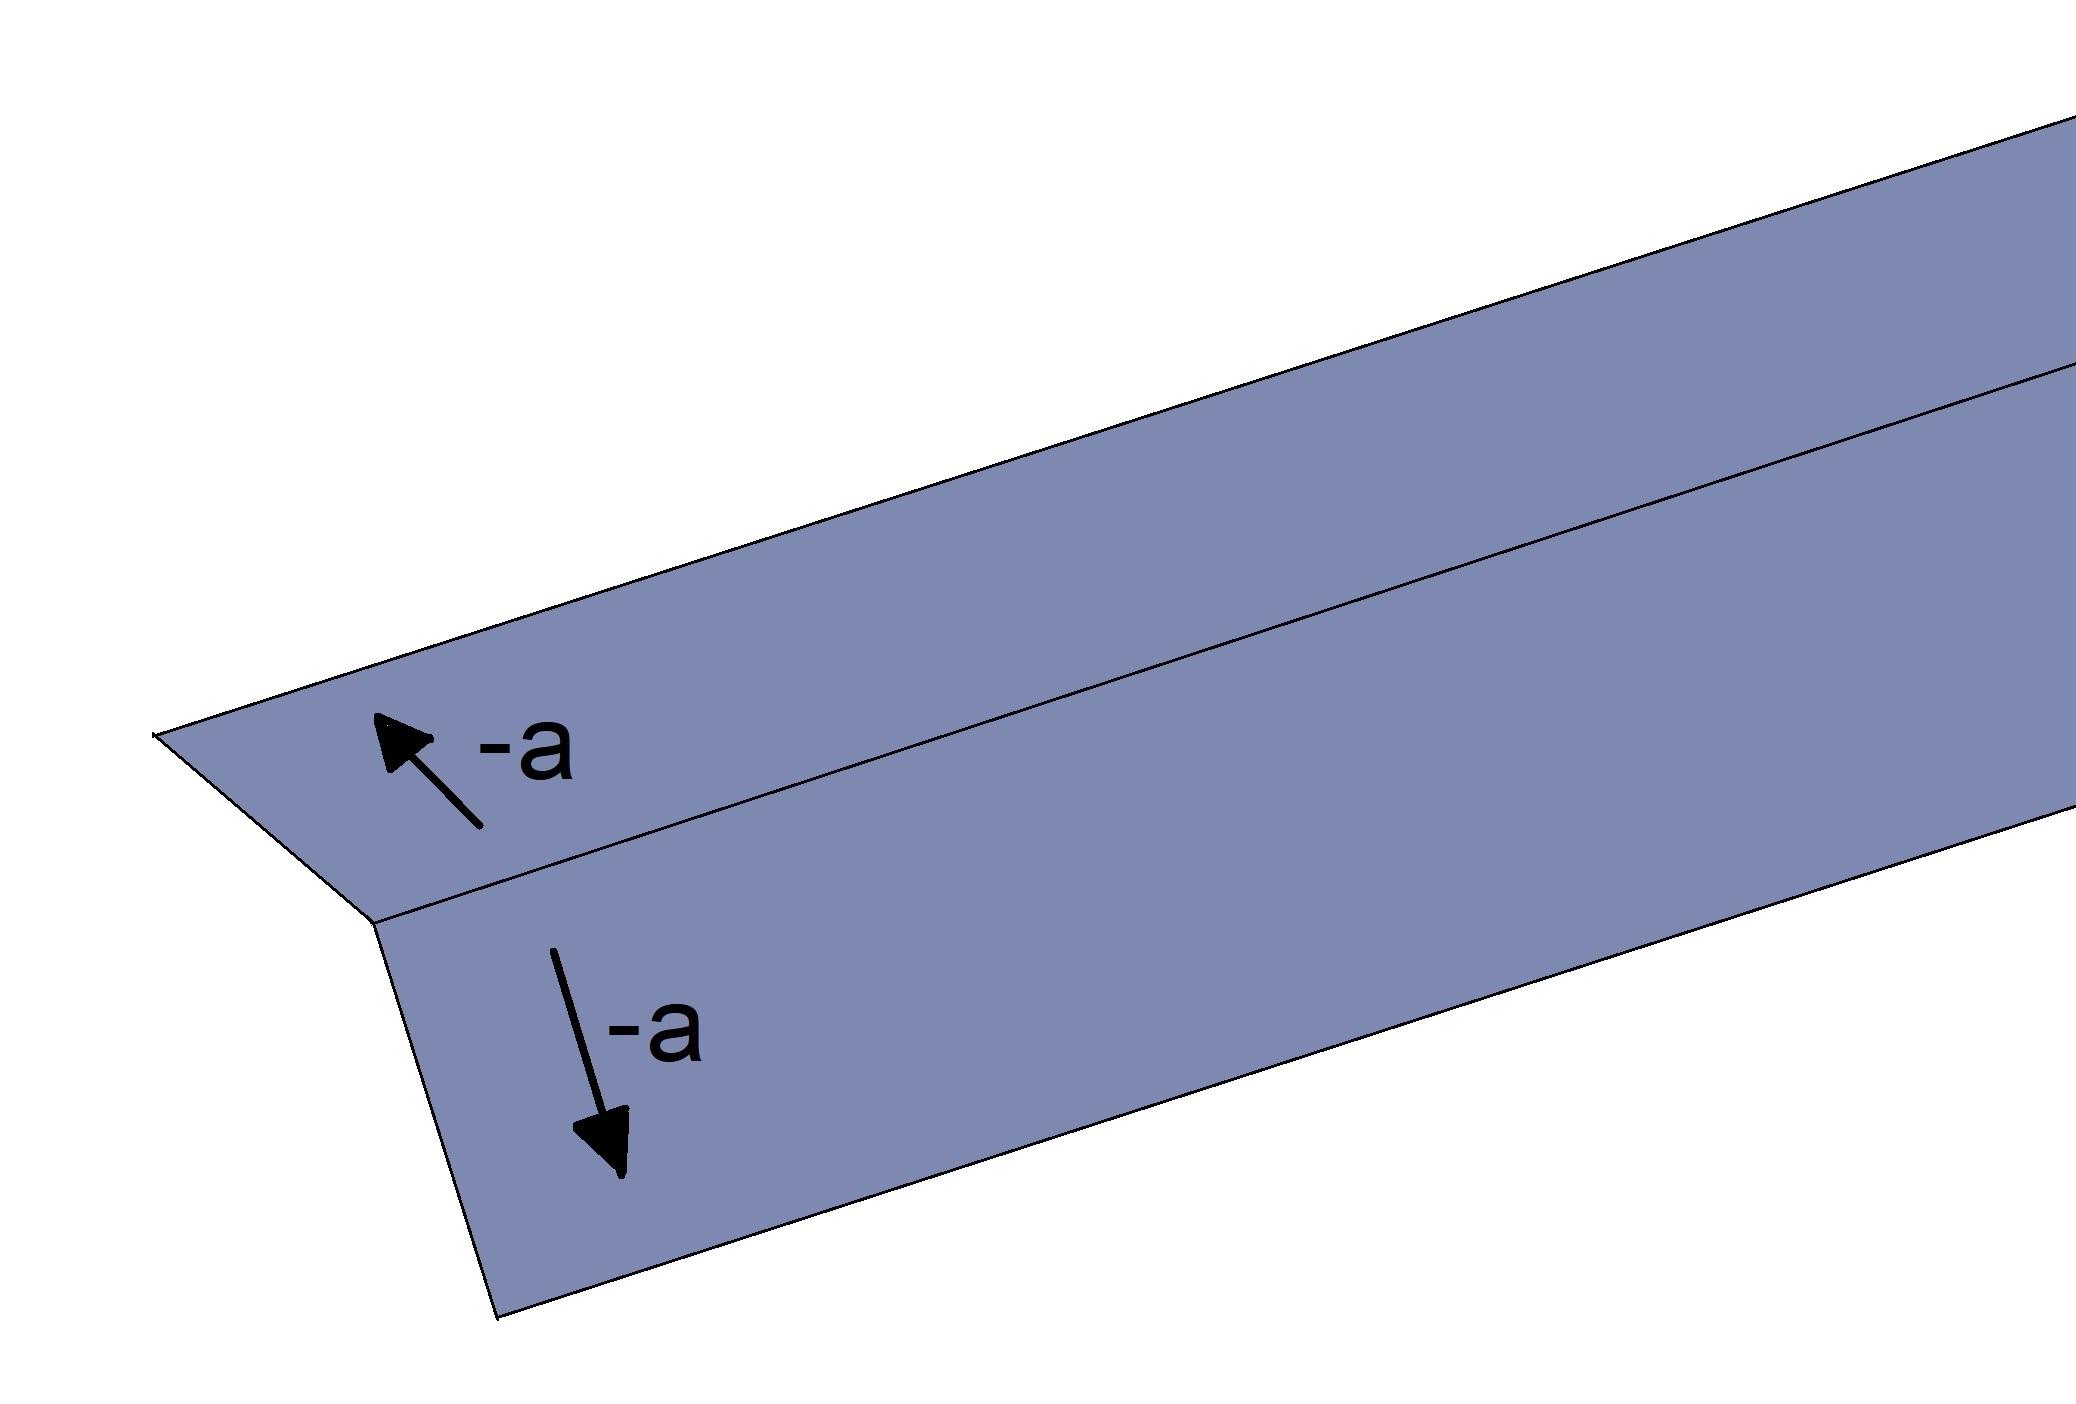 Abaulamento da pista em trechos de tangente